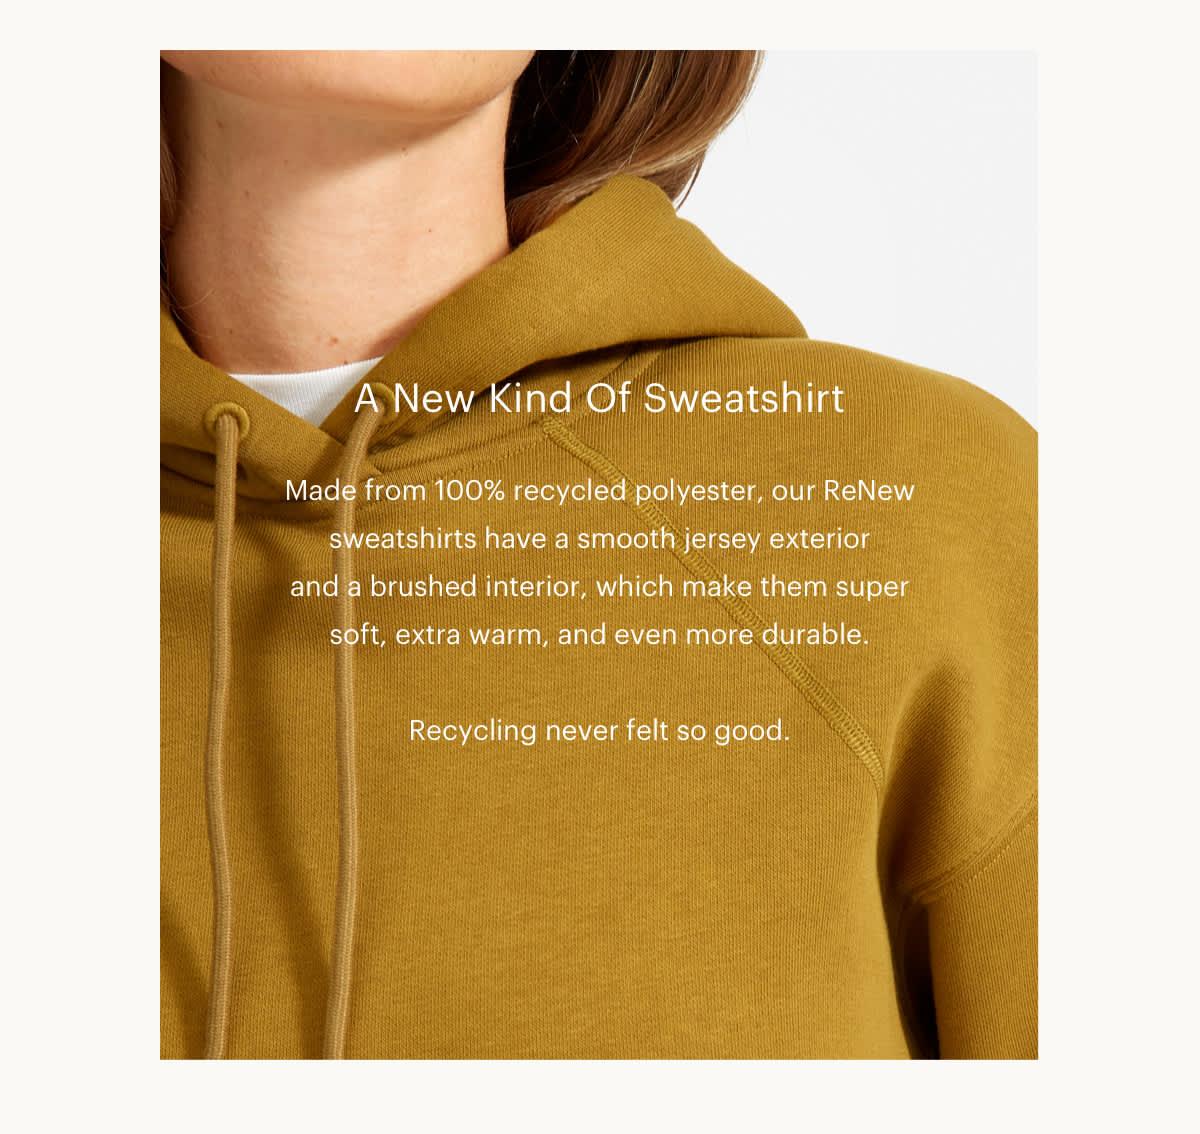 A New Kind Of Sweatshirt